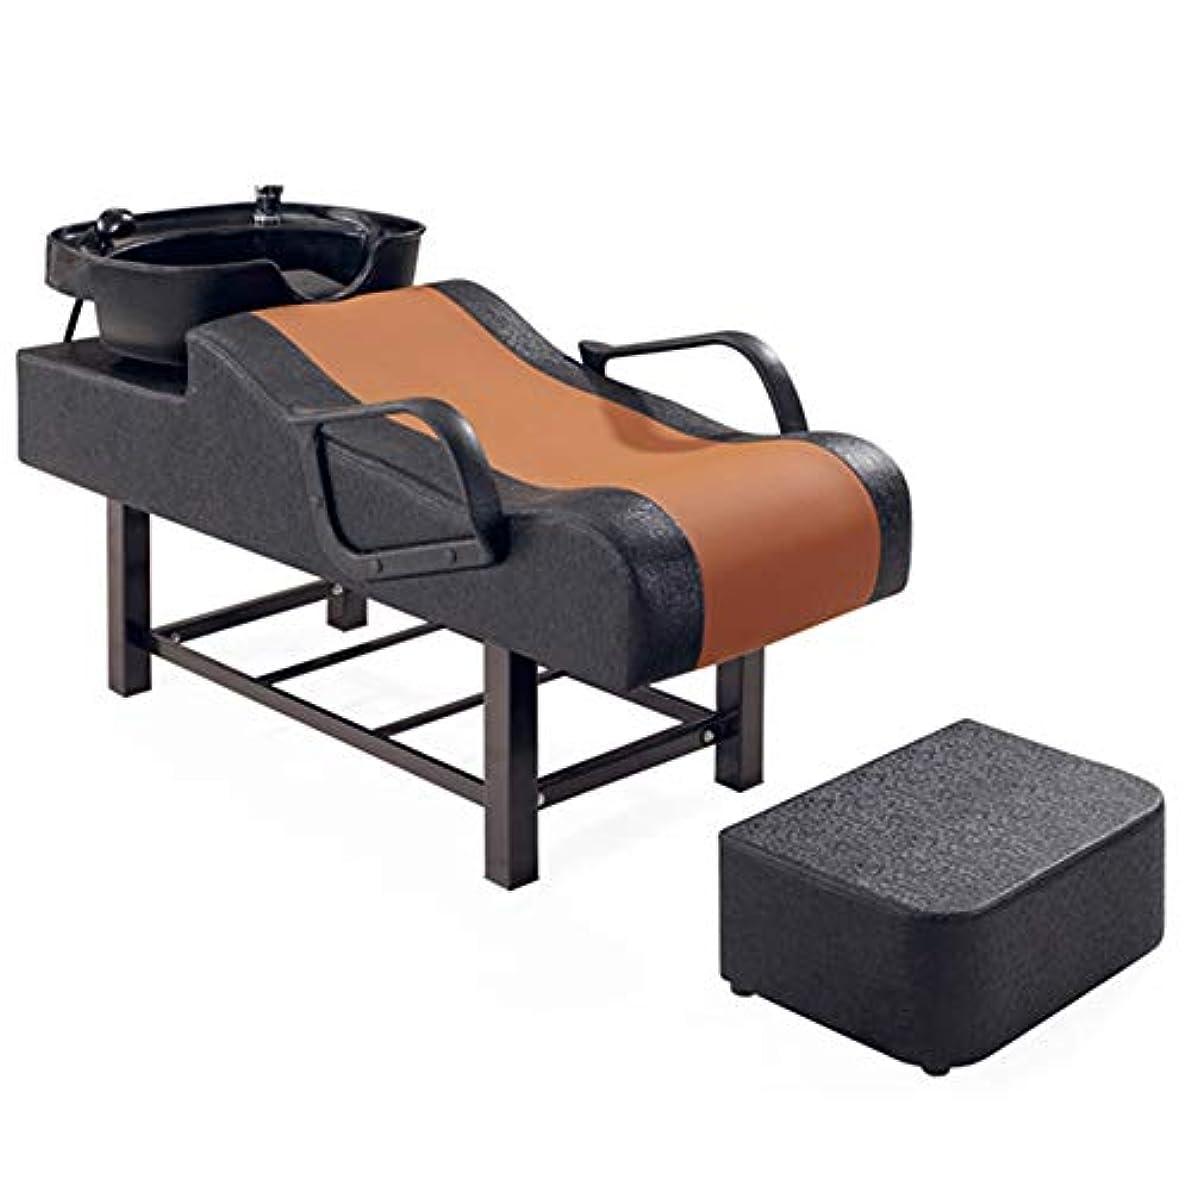 微視的コミュニティ橋シャンプーの理髪師の逆洗の椅子、鉱泉の美容院の穿孔器のベッドのためのシャンプーボールの流しの椅子